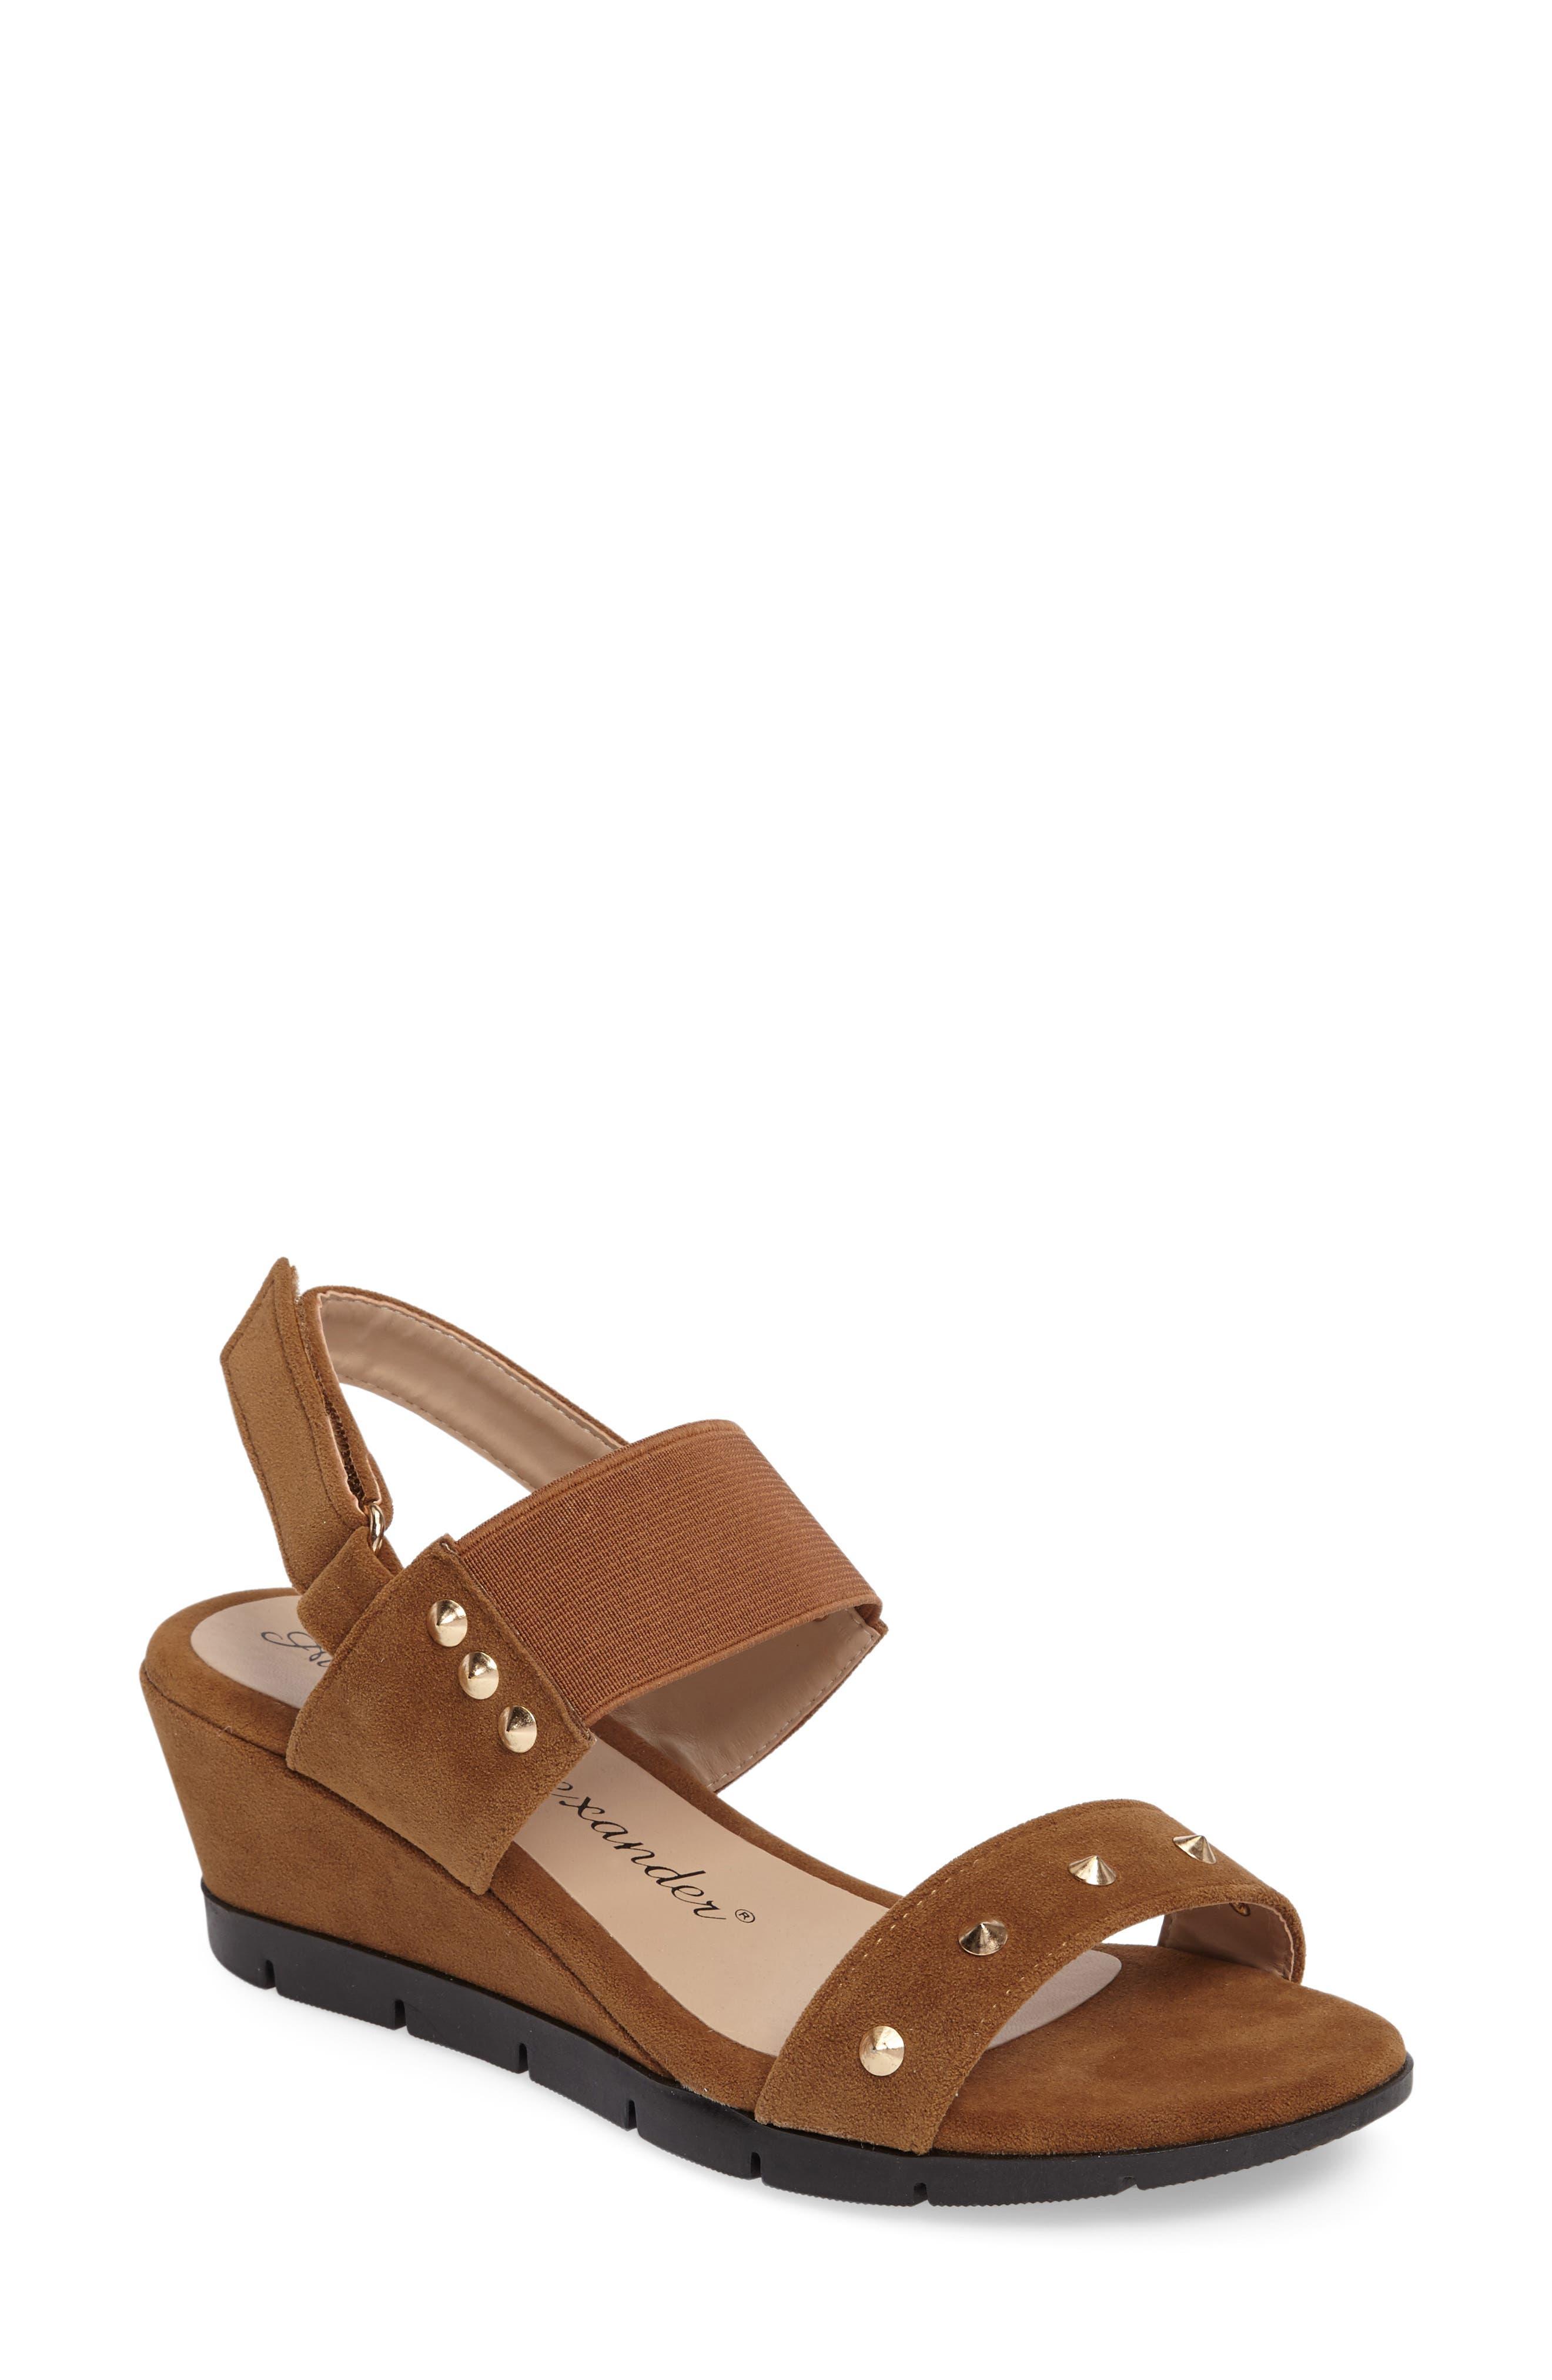 ATHENA ALEXANDER Pennye Studded Wedge Sandal